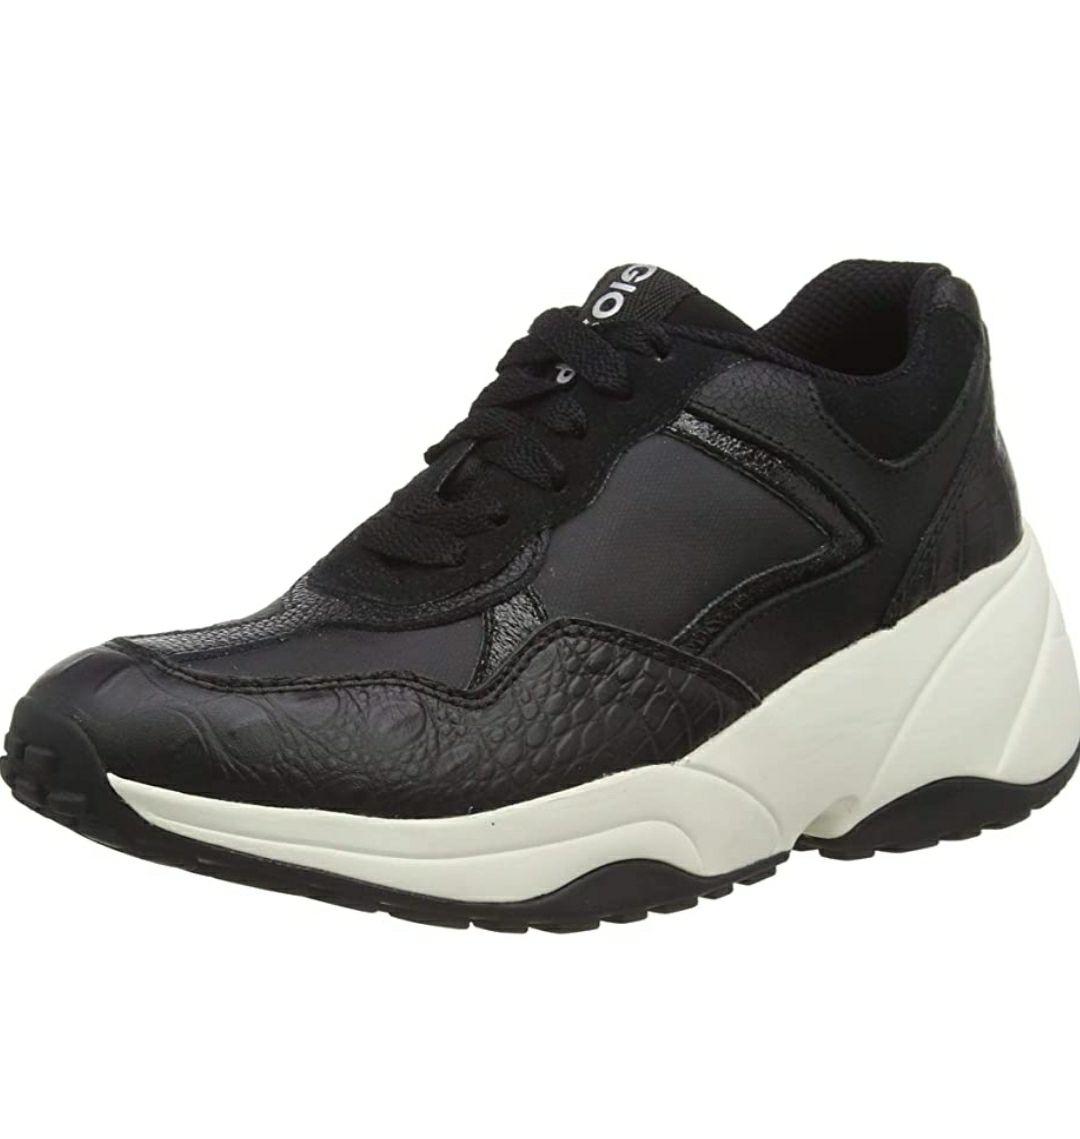 Zapatillas GIOSEPPO negras plataforma - Talla 39